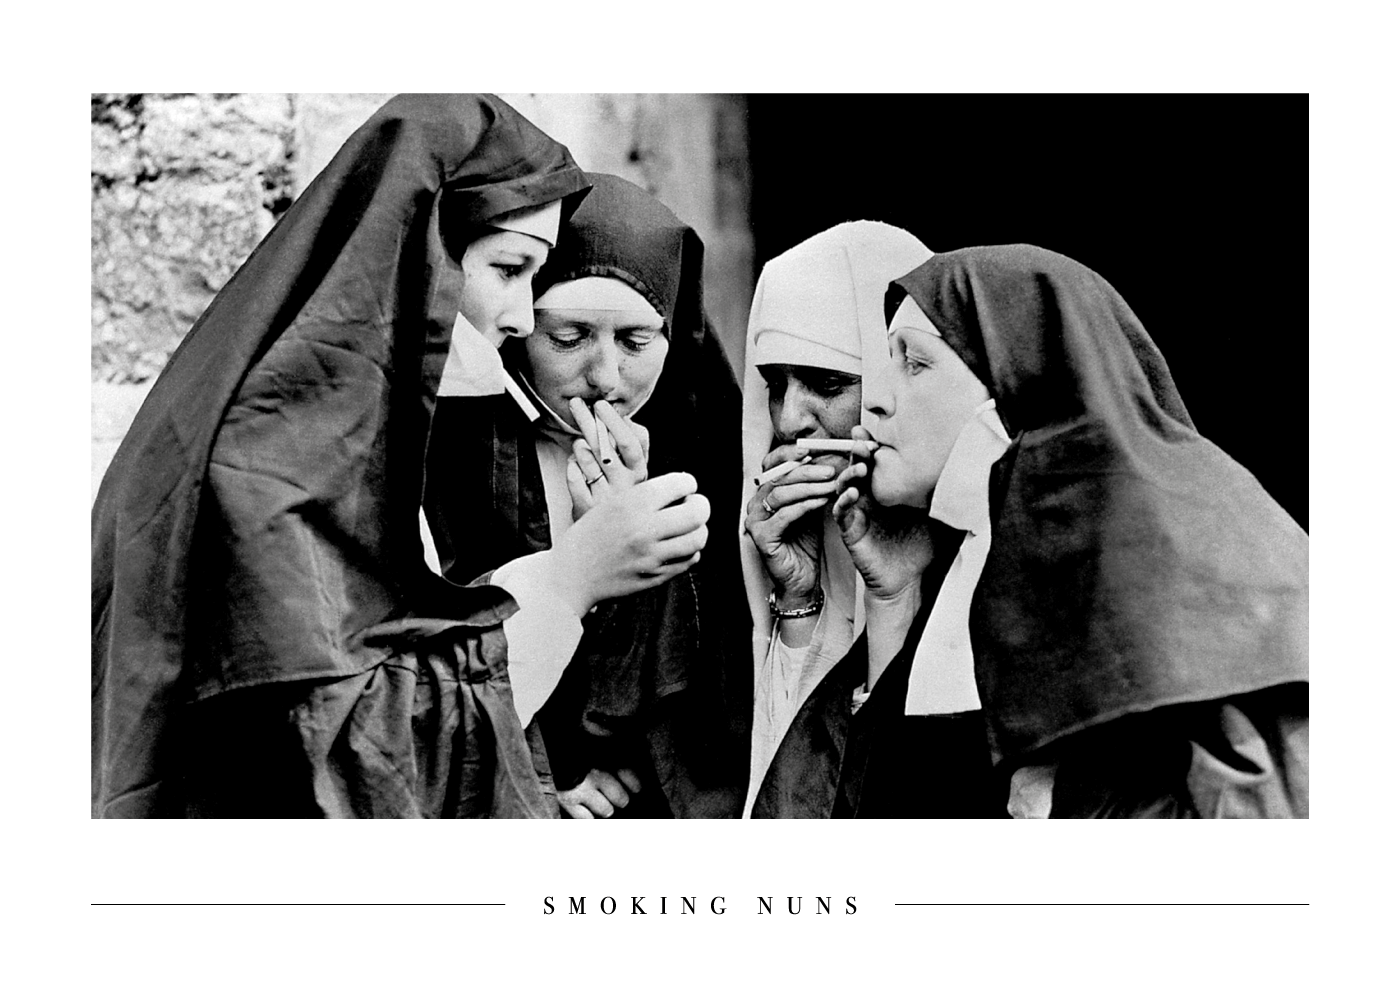 Smoking nuns - Plakat